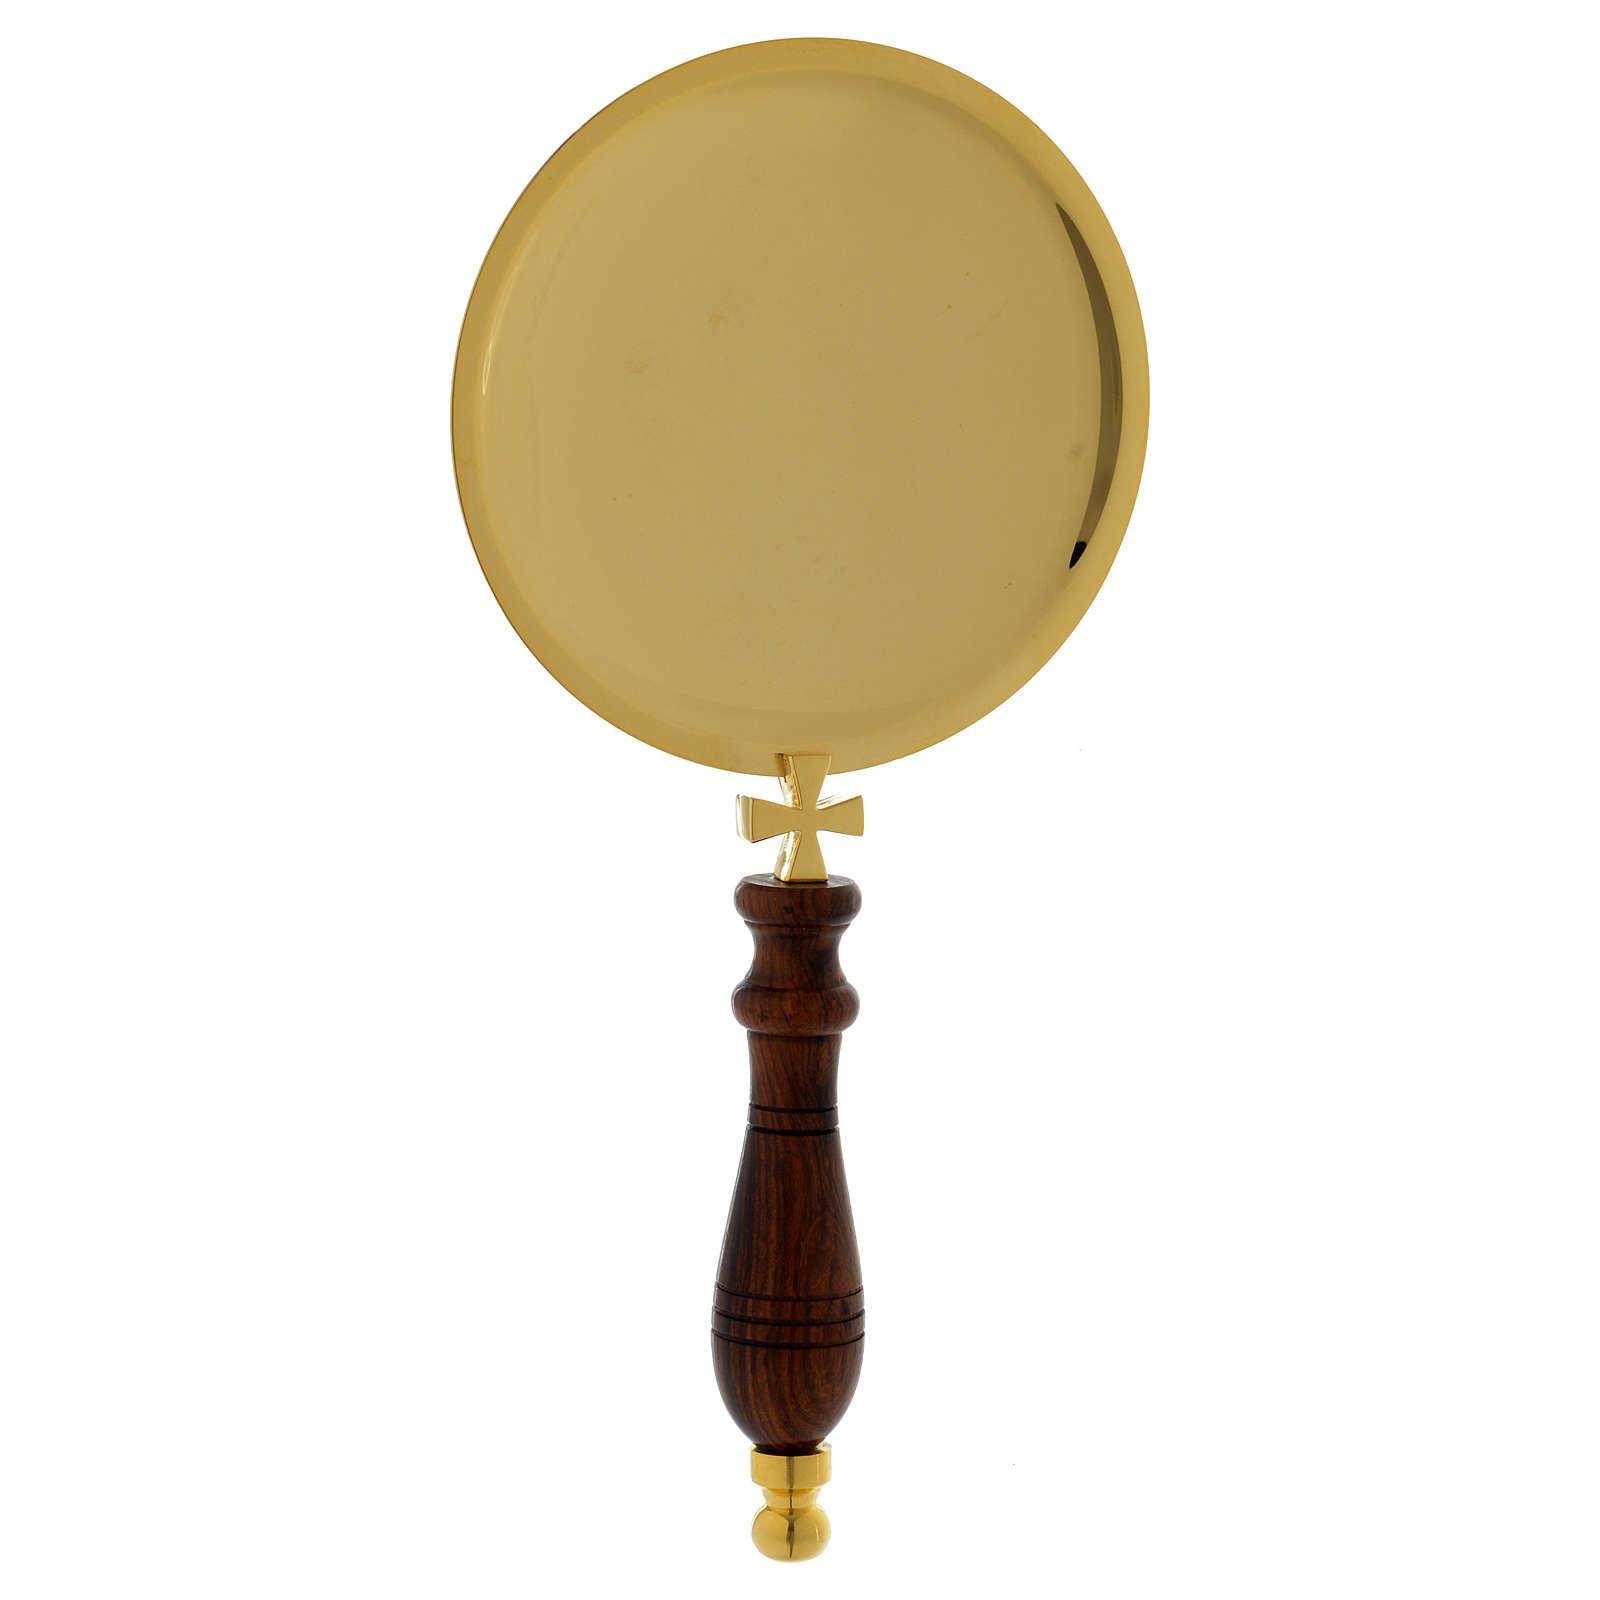 Piattino per comunione ottone dorato manico legno 3